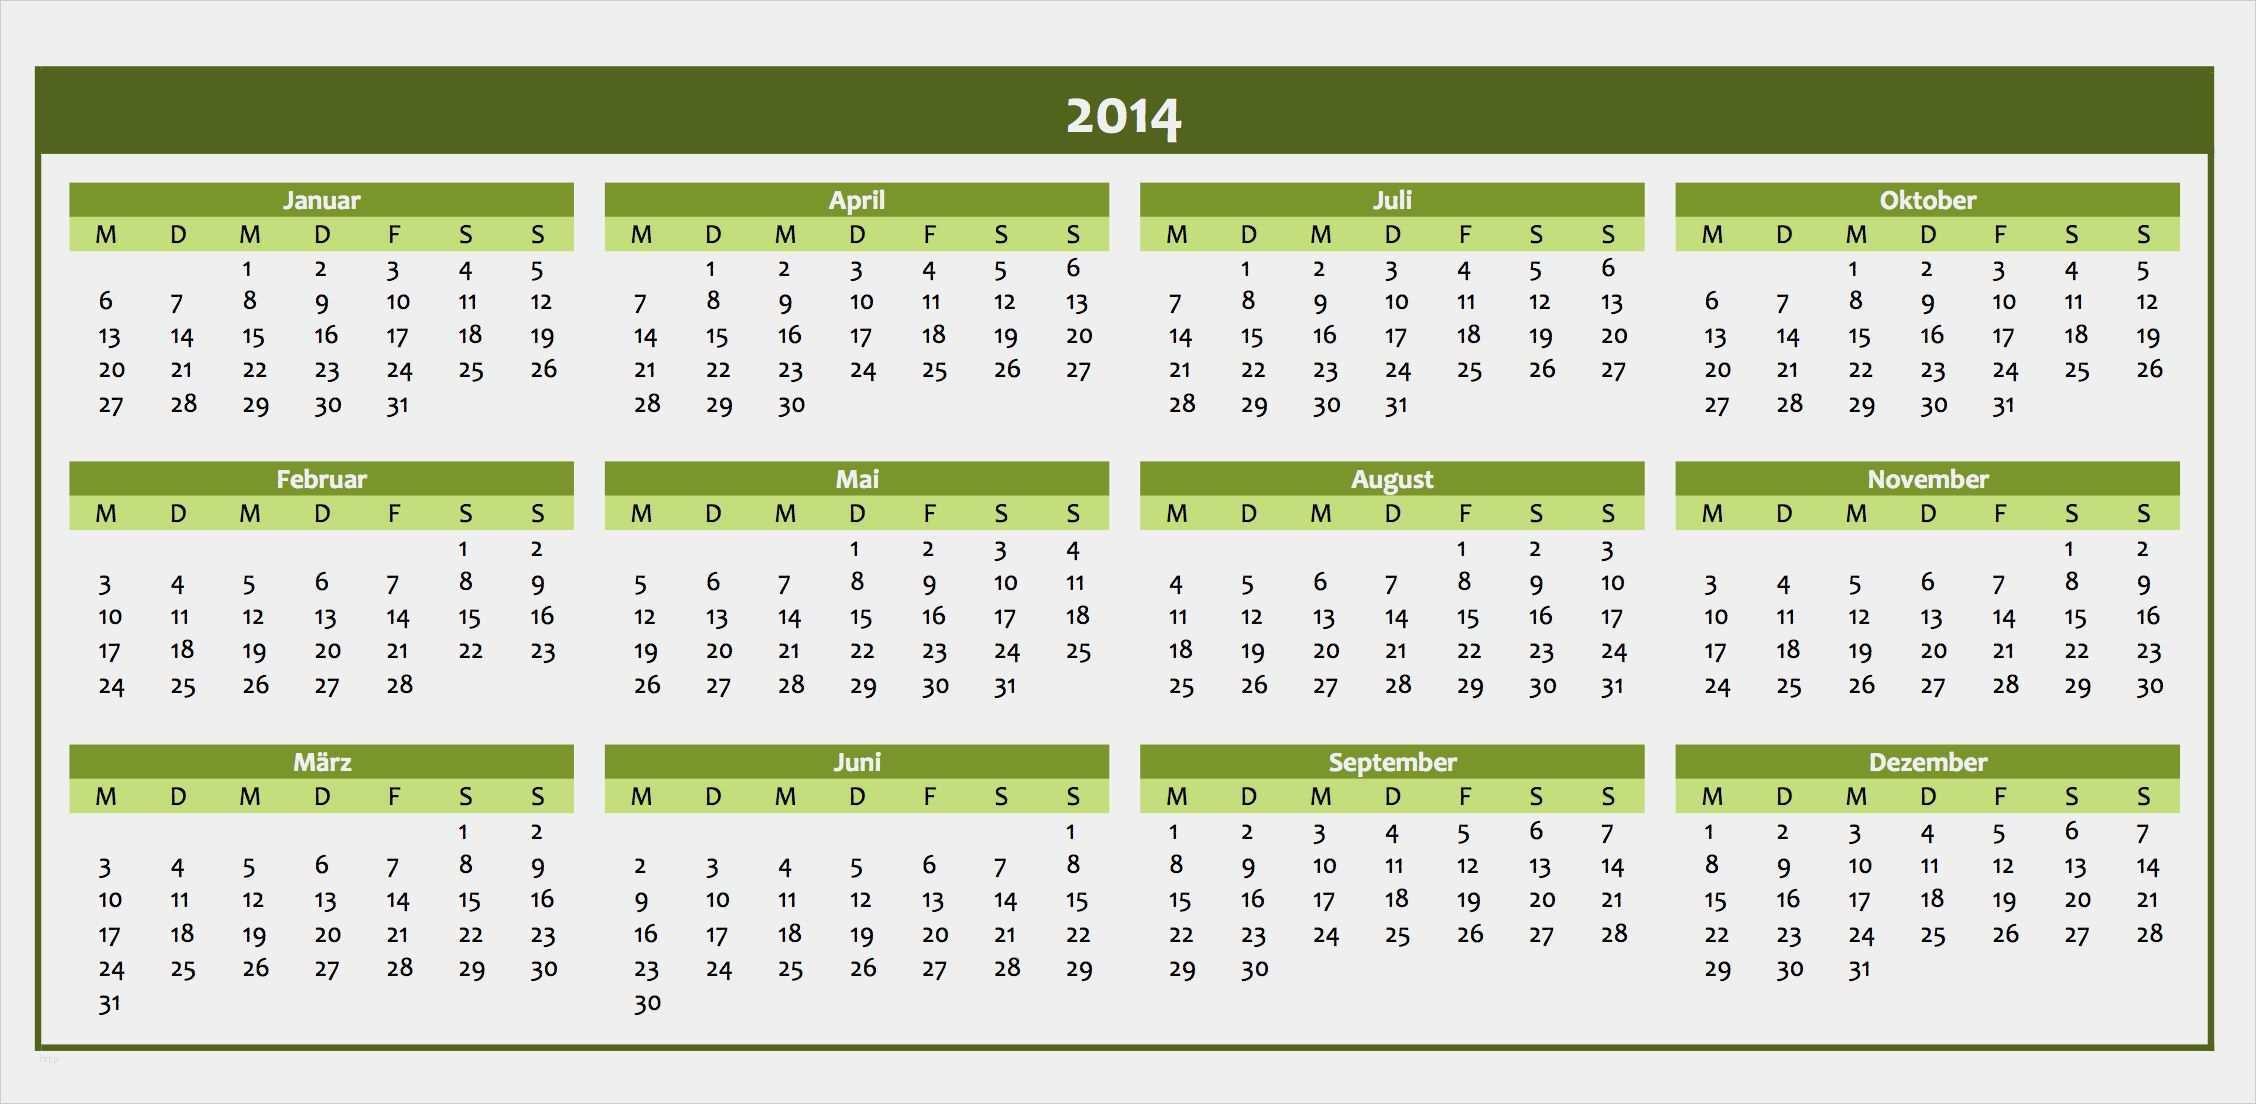 33 Luxus Rechnungsausgangsbuch Excel Vorlage Bilder In 2020 Excel Vorlage Vorlagen Anschreiben Vorlage